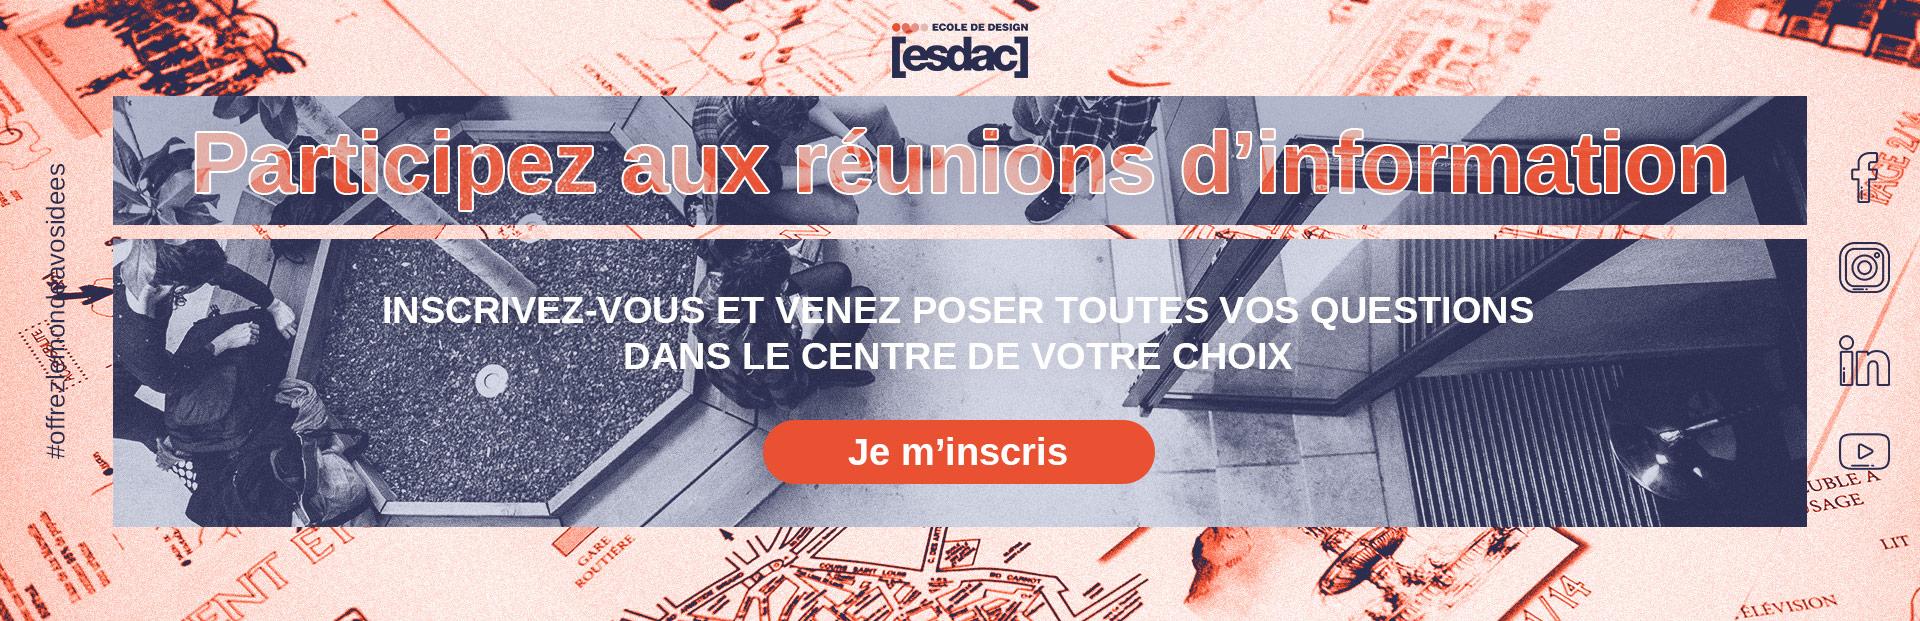 Valider les acquis de mon expérience en design dans une école de design telle que l'école ESDAC à Aix-en-Provence ou Marseille